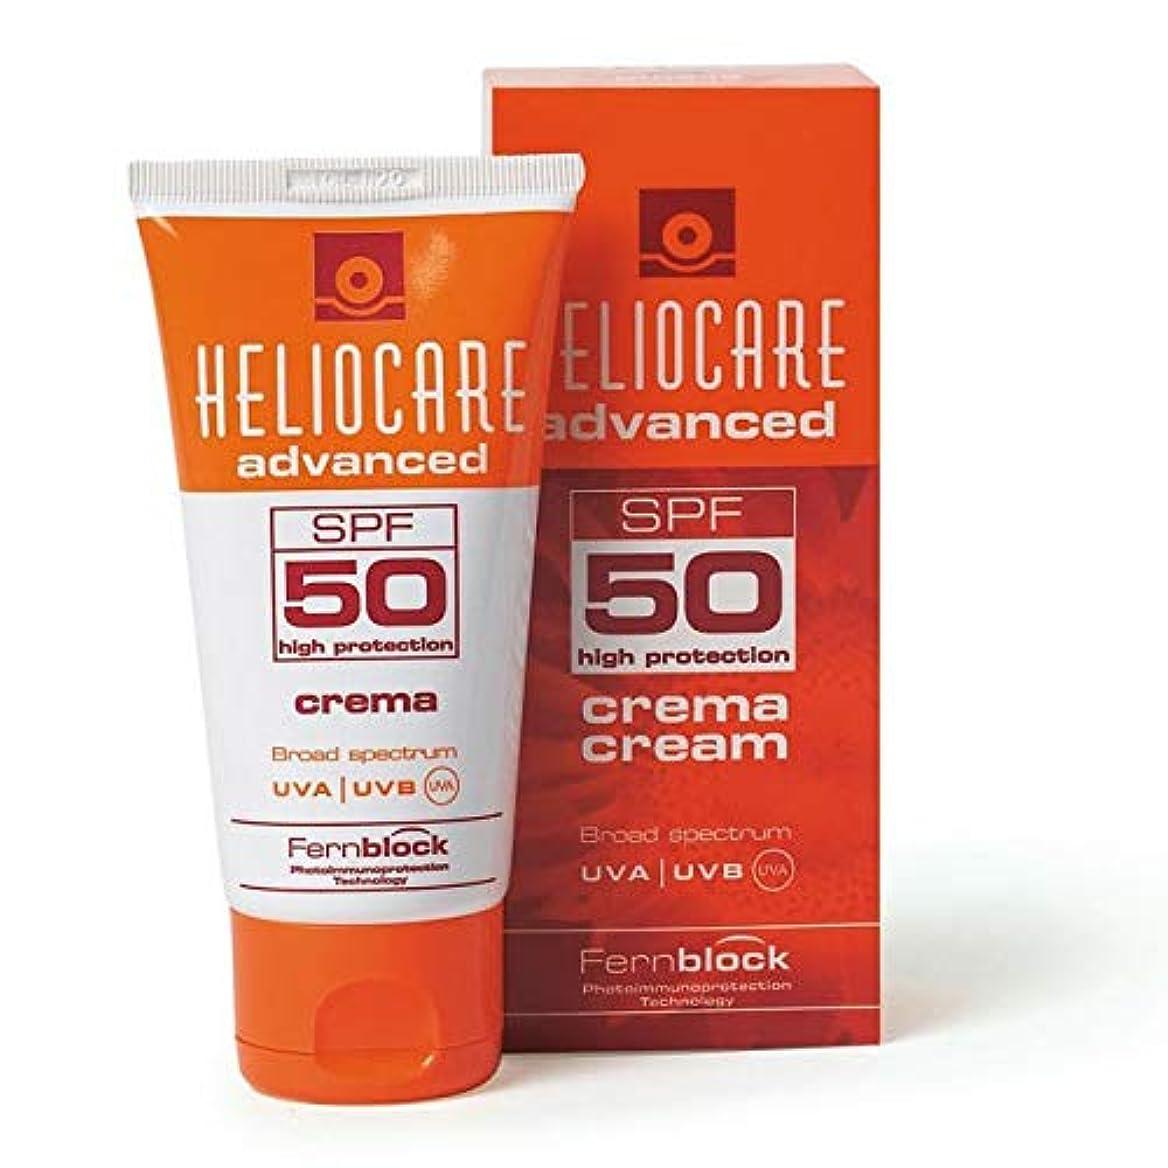 剛性南極共産主義ヘリオケア日焼け止めクリームSPF50 HELIOCARE Advanced cream 50ml 国内正規品